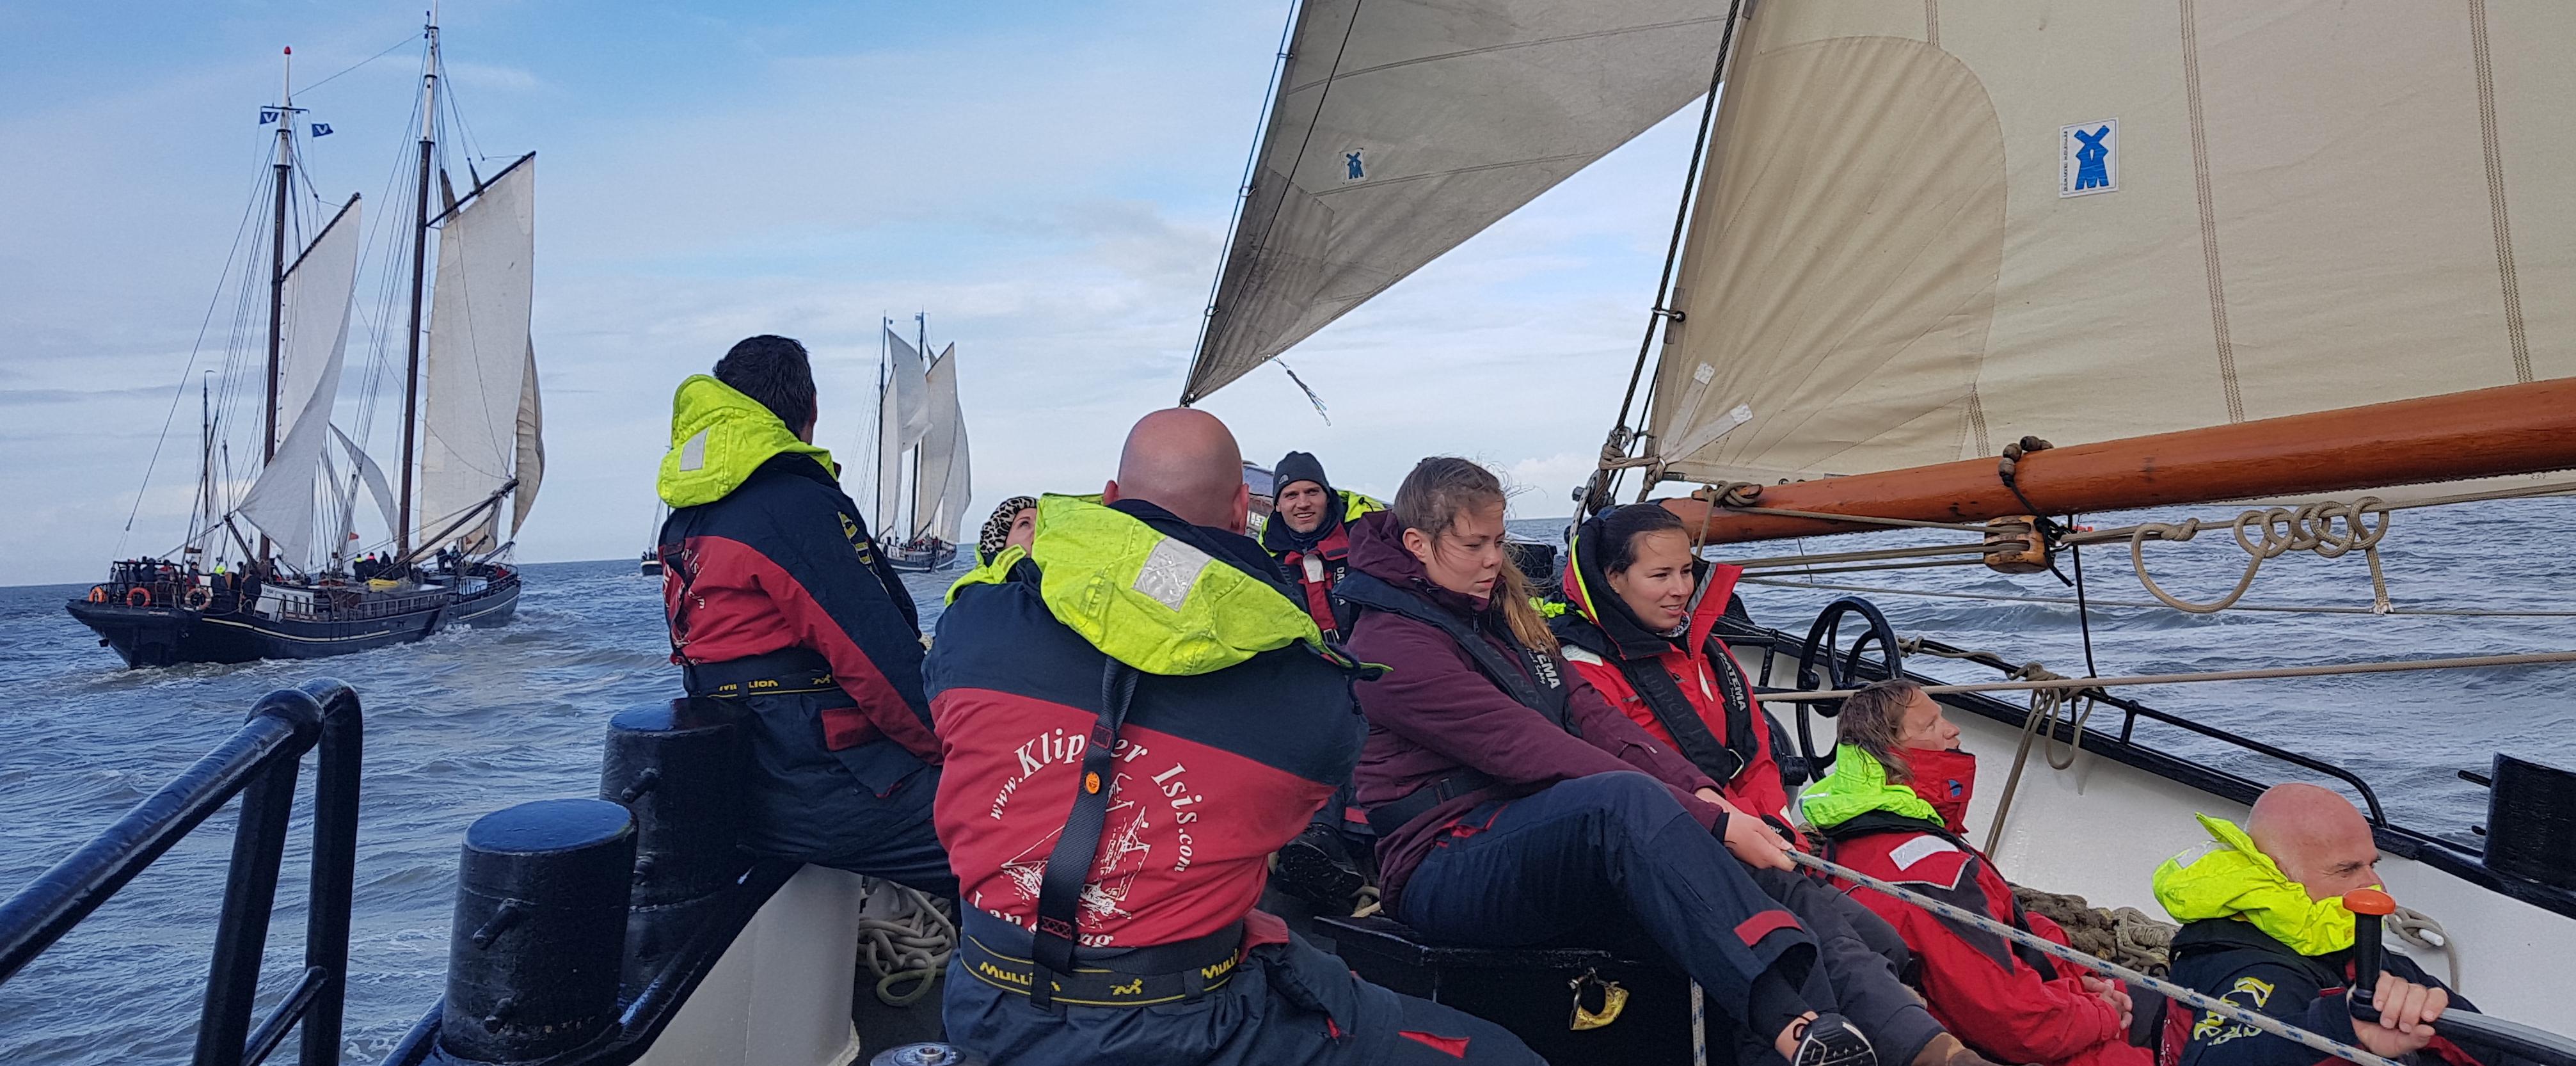 Brandarisrace wedstrijdzeilen@Gouden vloot zeilreizen